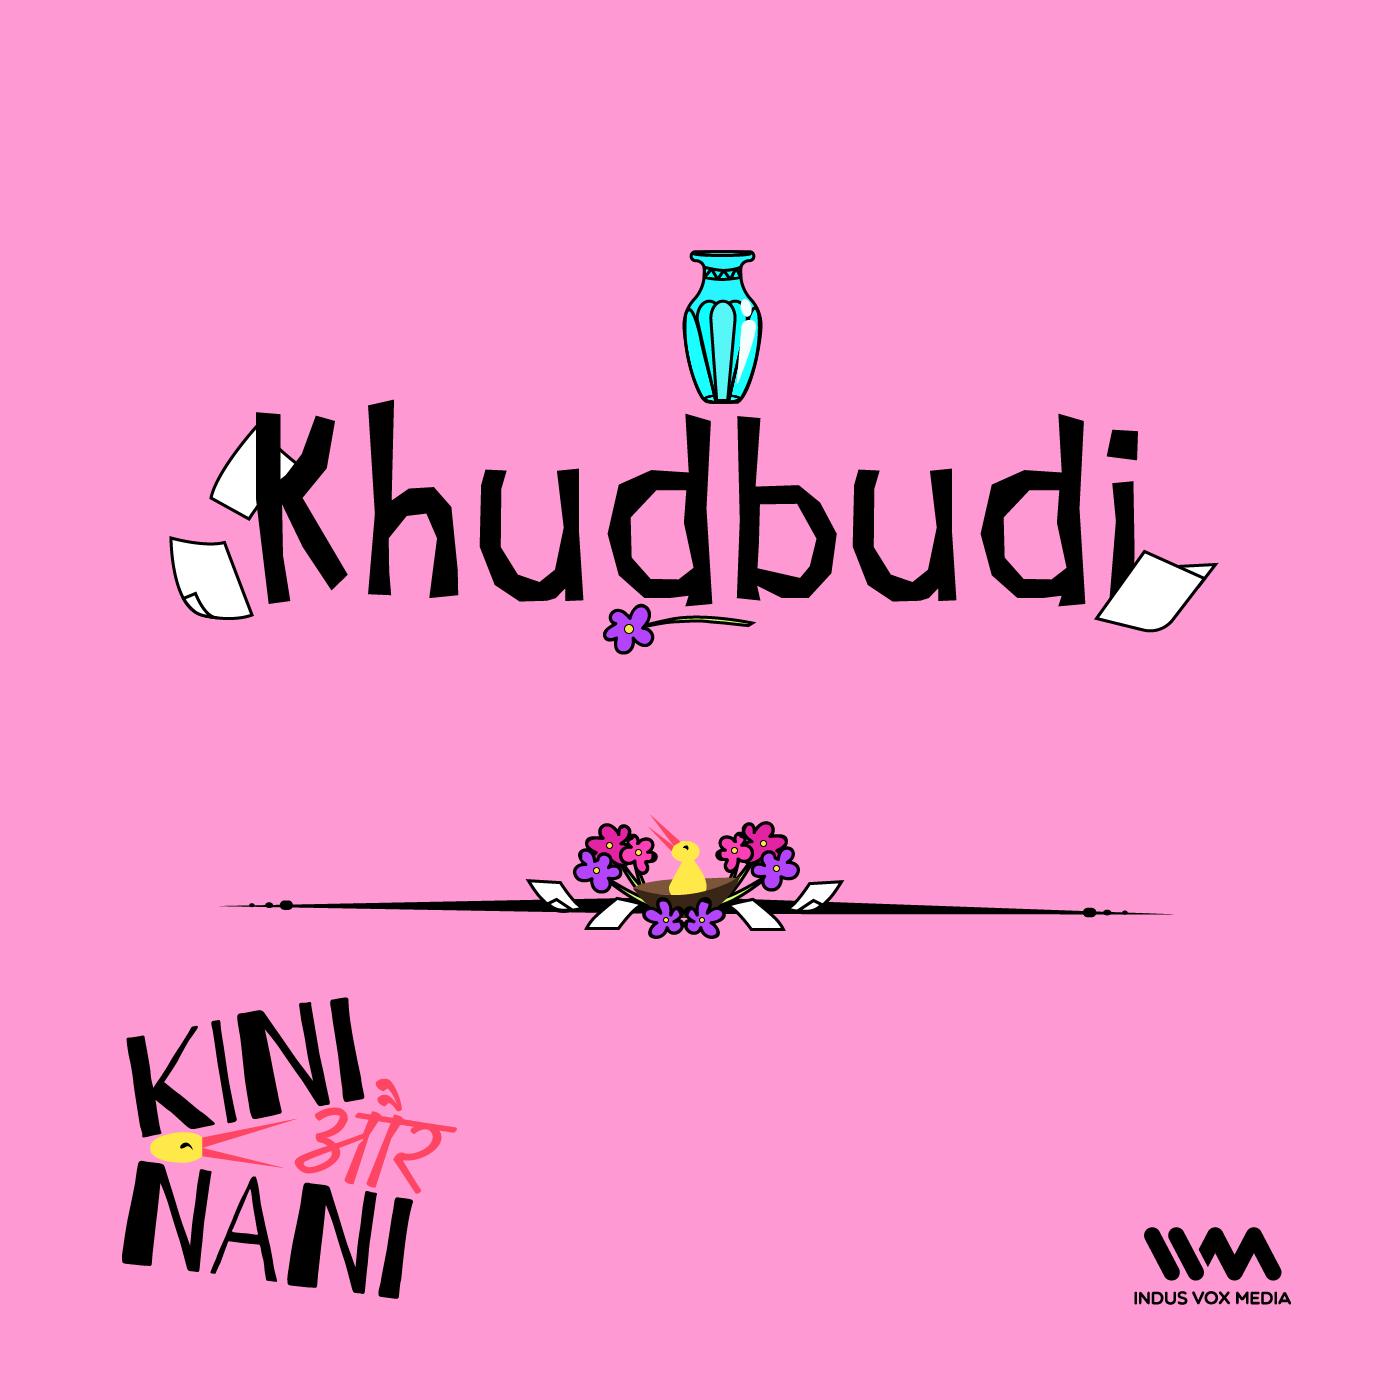 Khudbudi